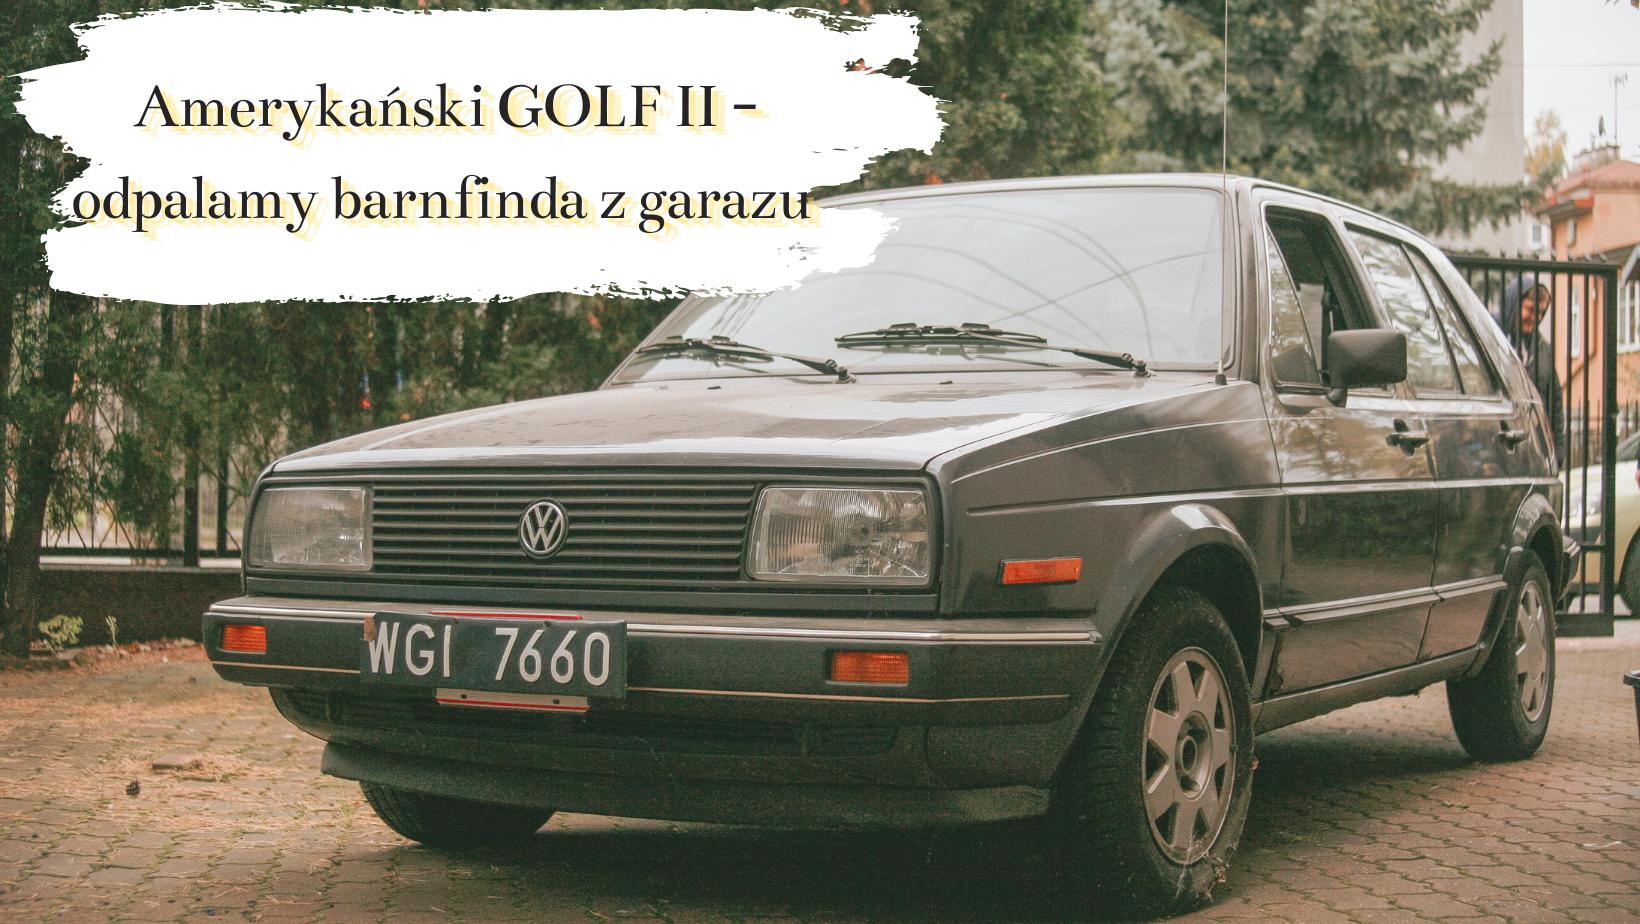 Barn find z garażu – przedliftowy Golf II Rabbit odpalony po kilku latach postoju. Trafił do Polski na początku lat 90.!